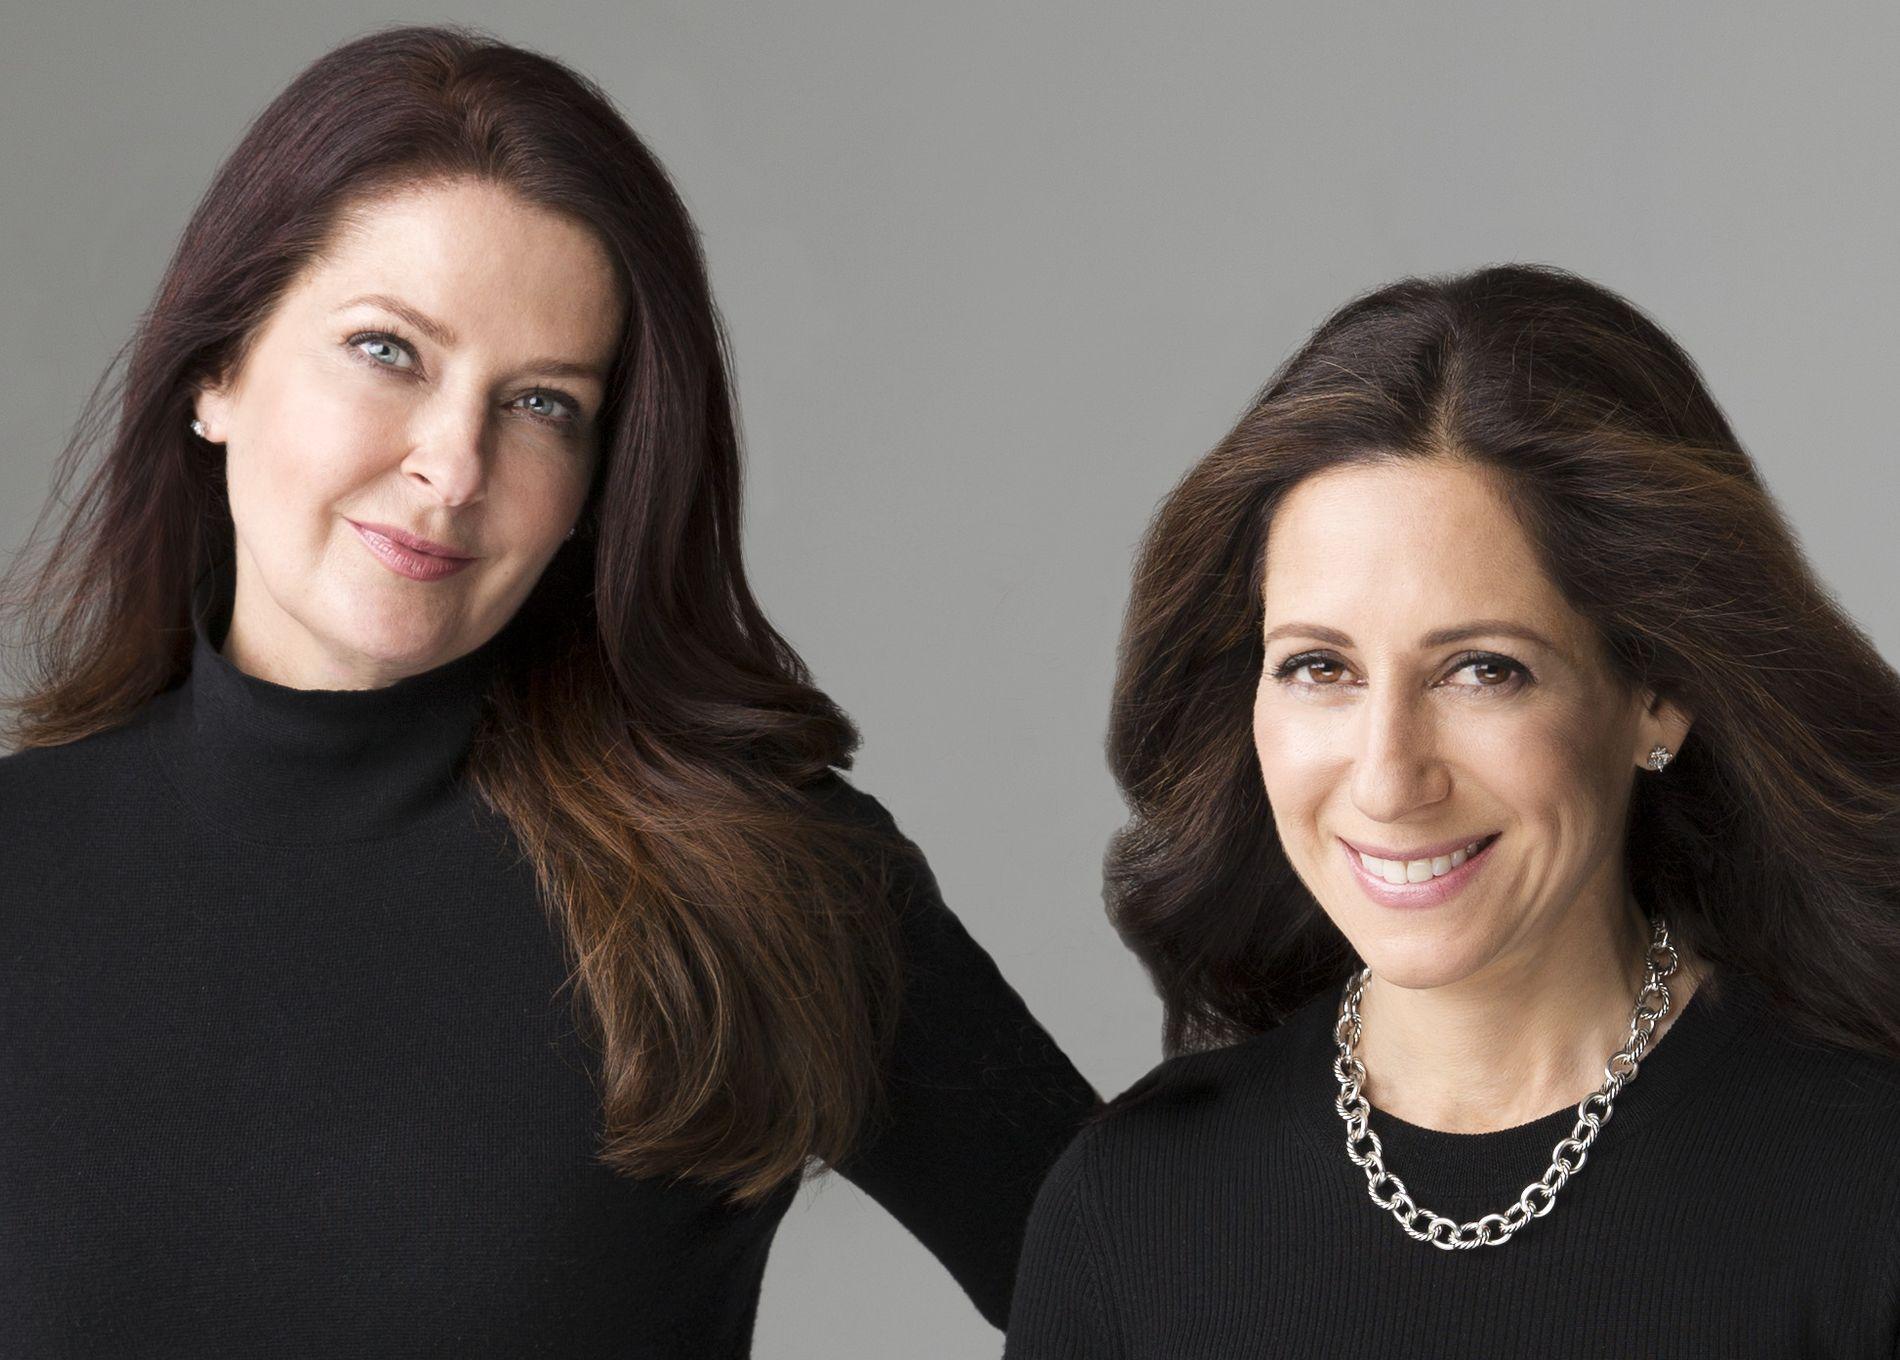 OVERTYDELIG: Forlagsredaktør Greer Hendricks (t.h) og forfatter Sarah Pekkanen har slått seg sammen for å skrive krim - og resultatet er ikke bra.